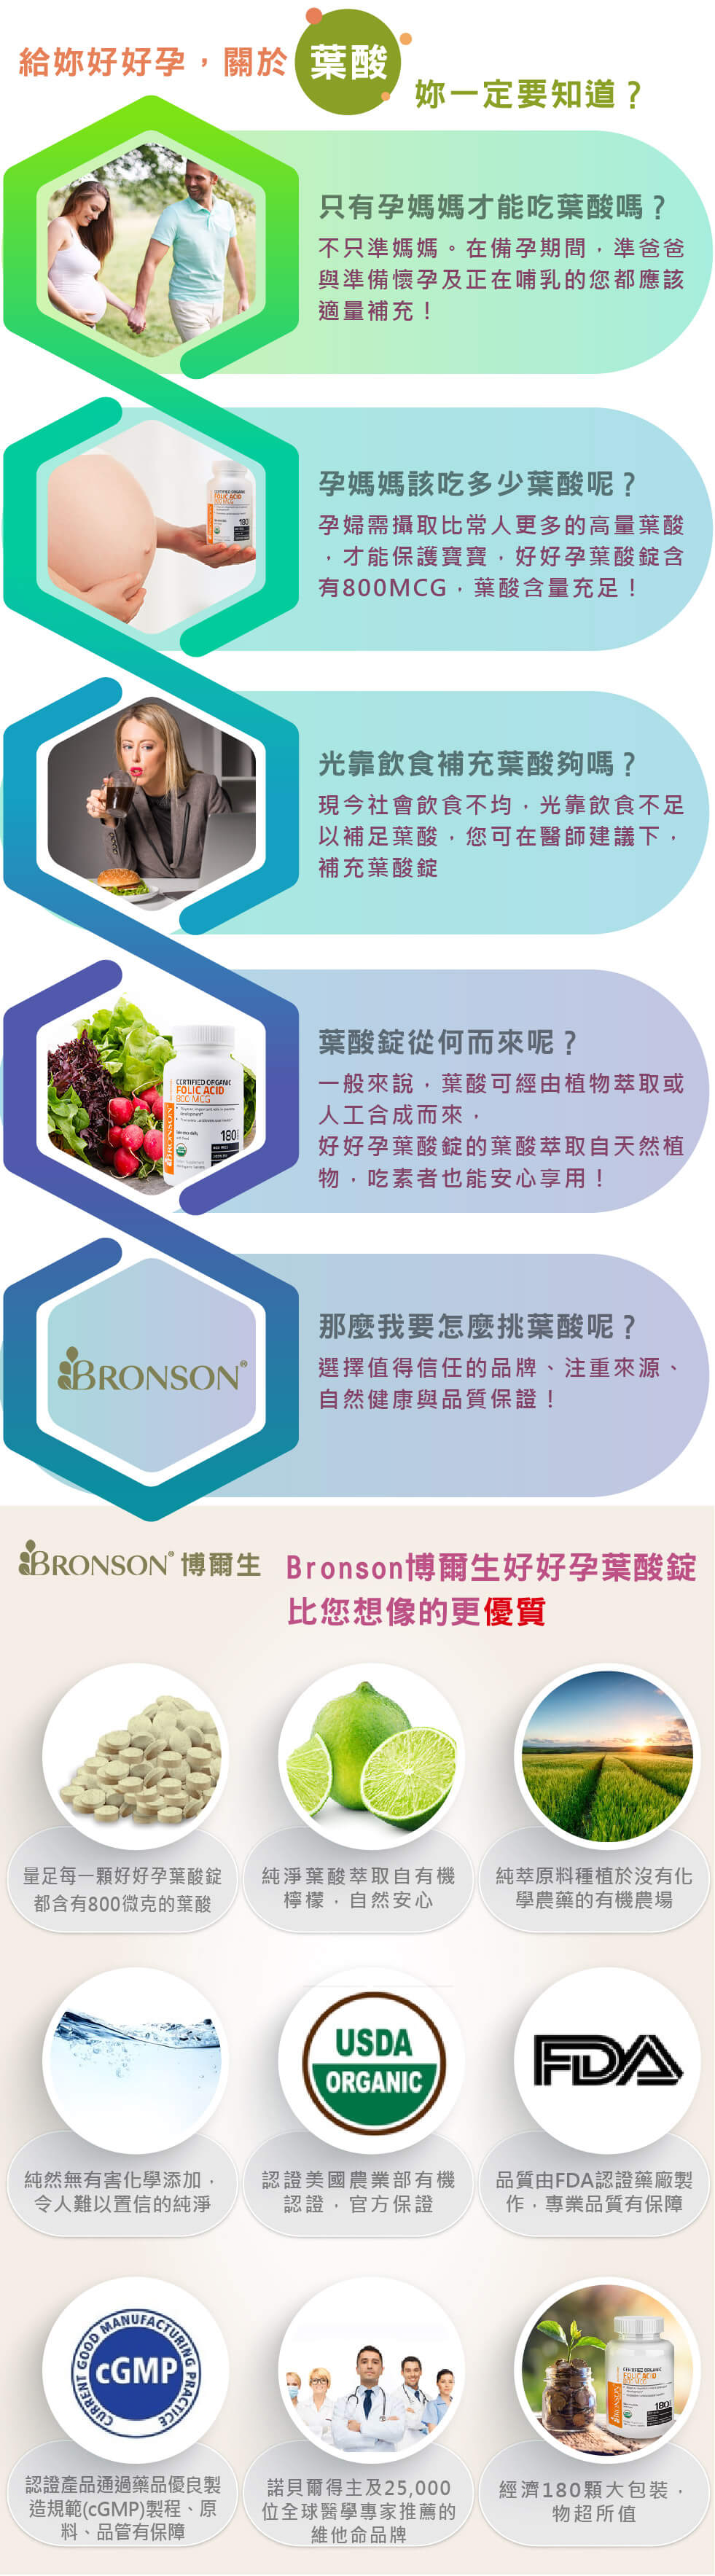 0709葉酸錠內頁-Bronson網站 定稿-03.jpg